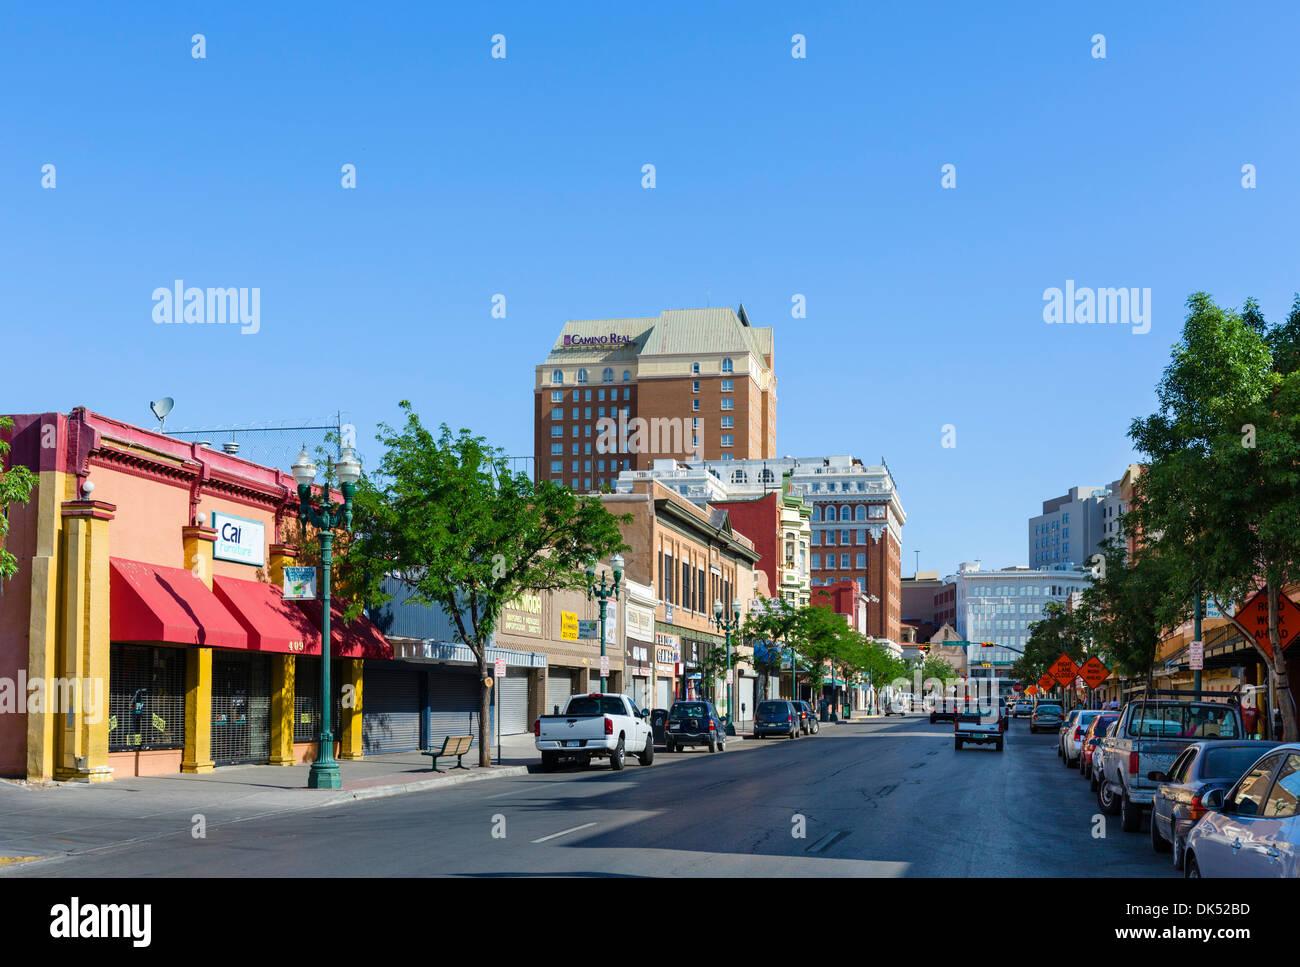 South El Paso Street in downtown El Paso, Texas, USA - Stock Image